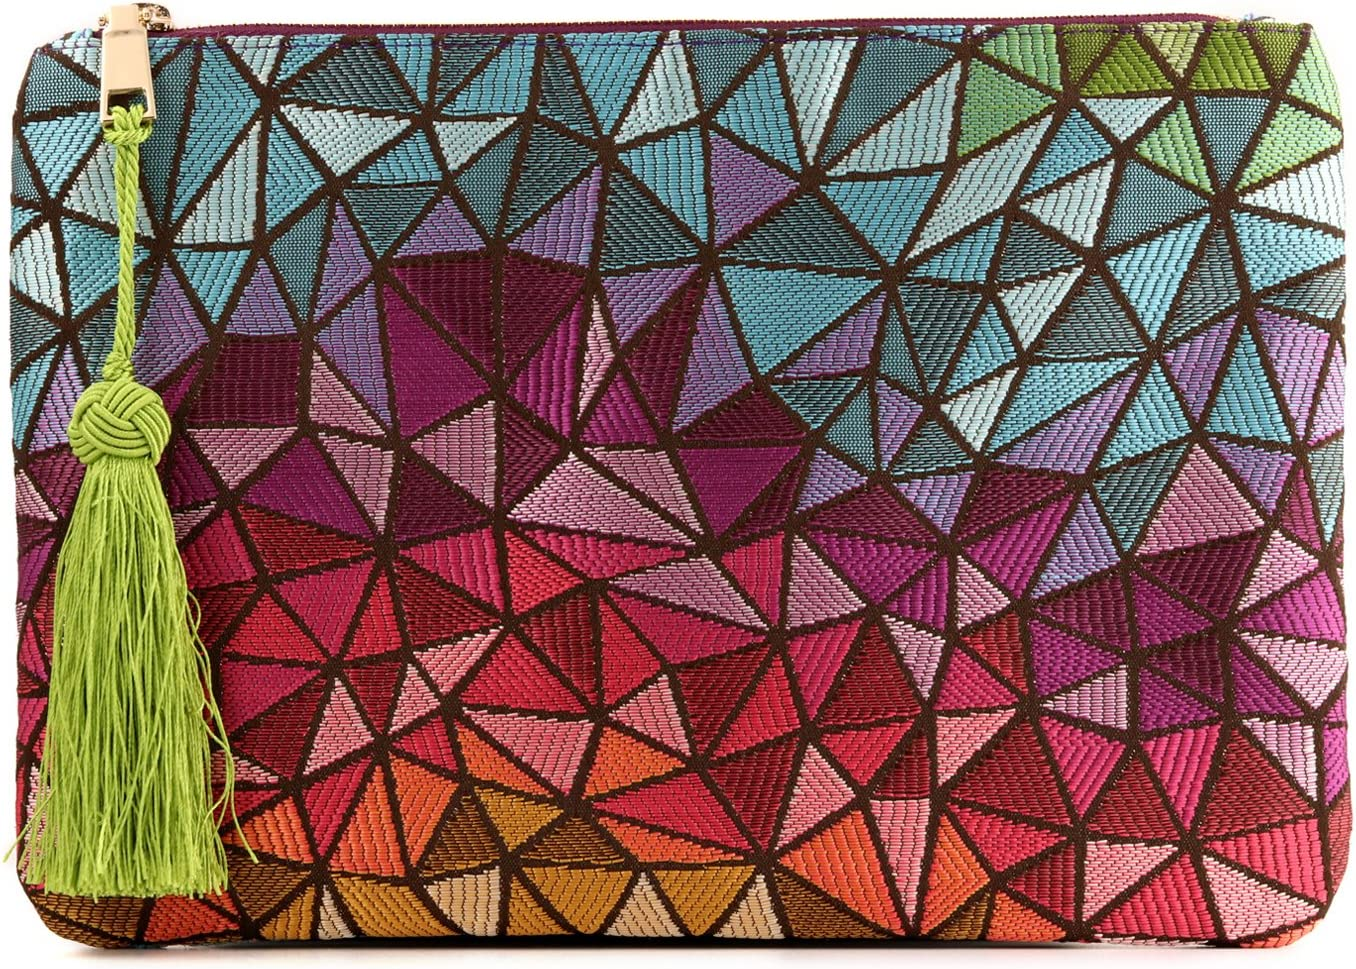 Otto Angelino Sobre de diseño - Bolso de Mano - Pequeño Bolso de Mujer Tejido con Borla - Espacio para Tarjetas de crédito y Monedero - Ultradelgado y liviano - Cierre con Cremallera